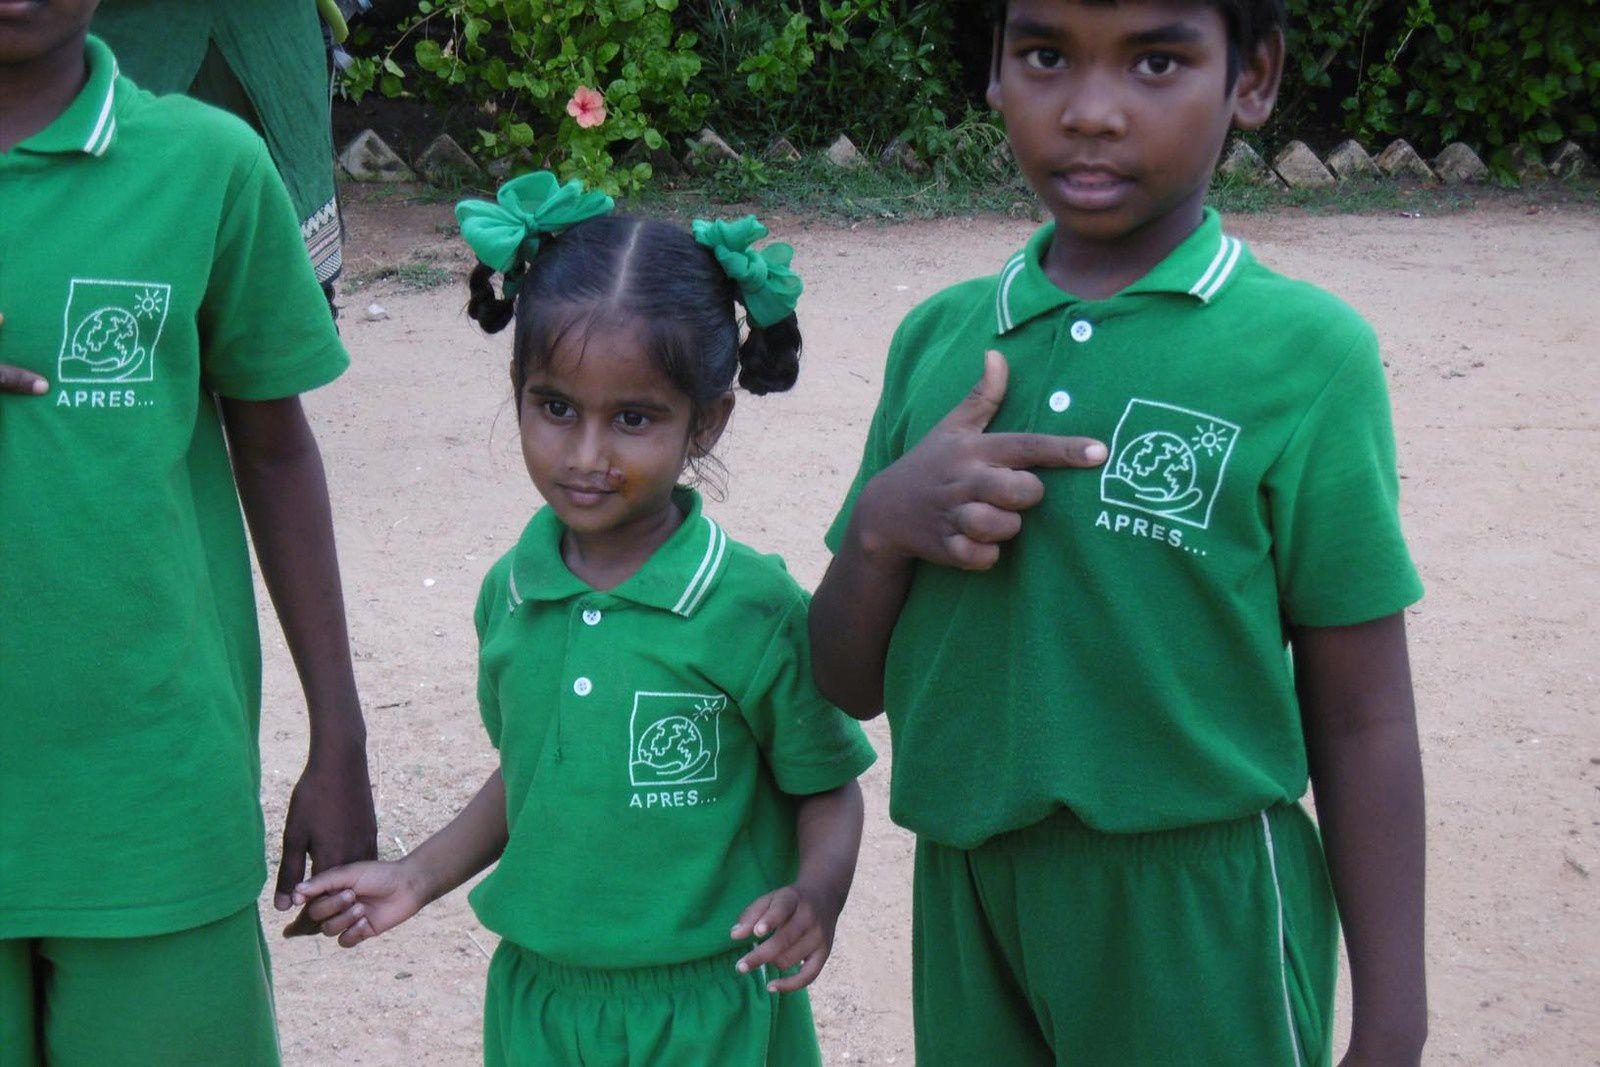 Les nouveaux uniformes des enfants d'APRES SCHOOL près de Pondichéry. Merci à Michel Berthet pour les photos